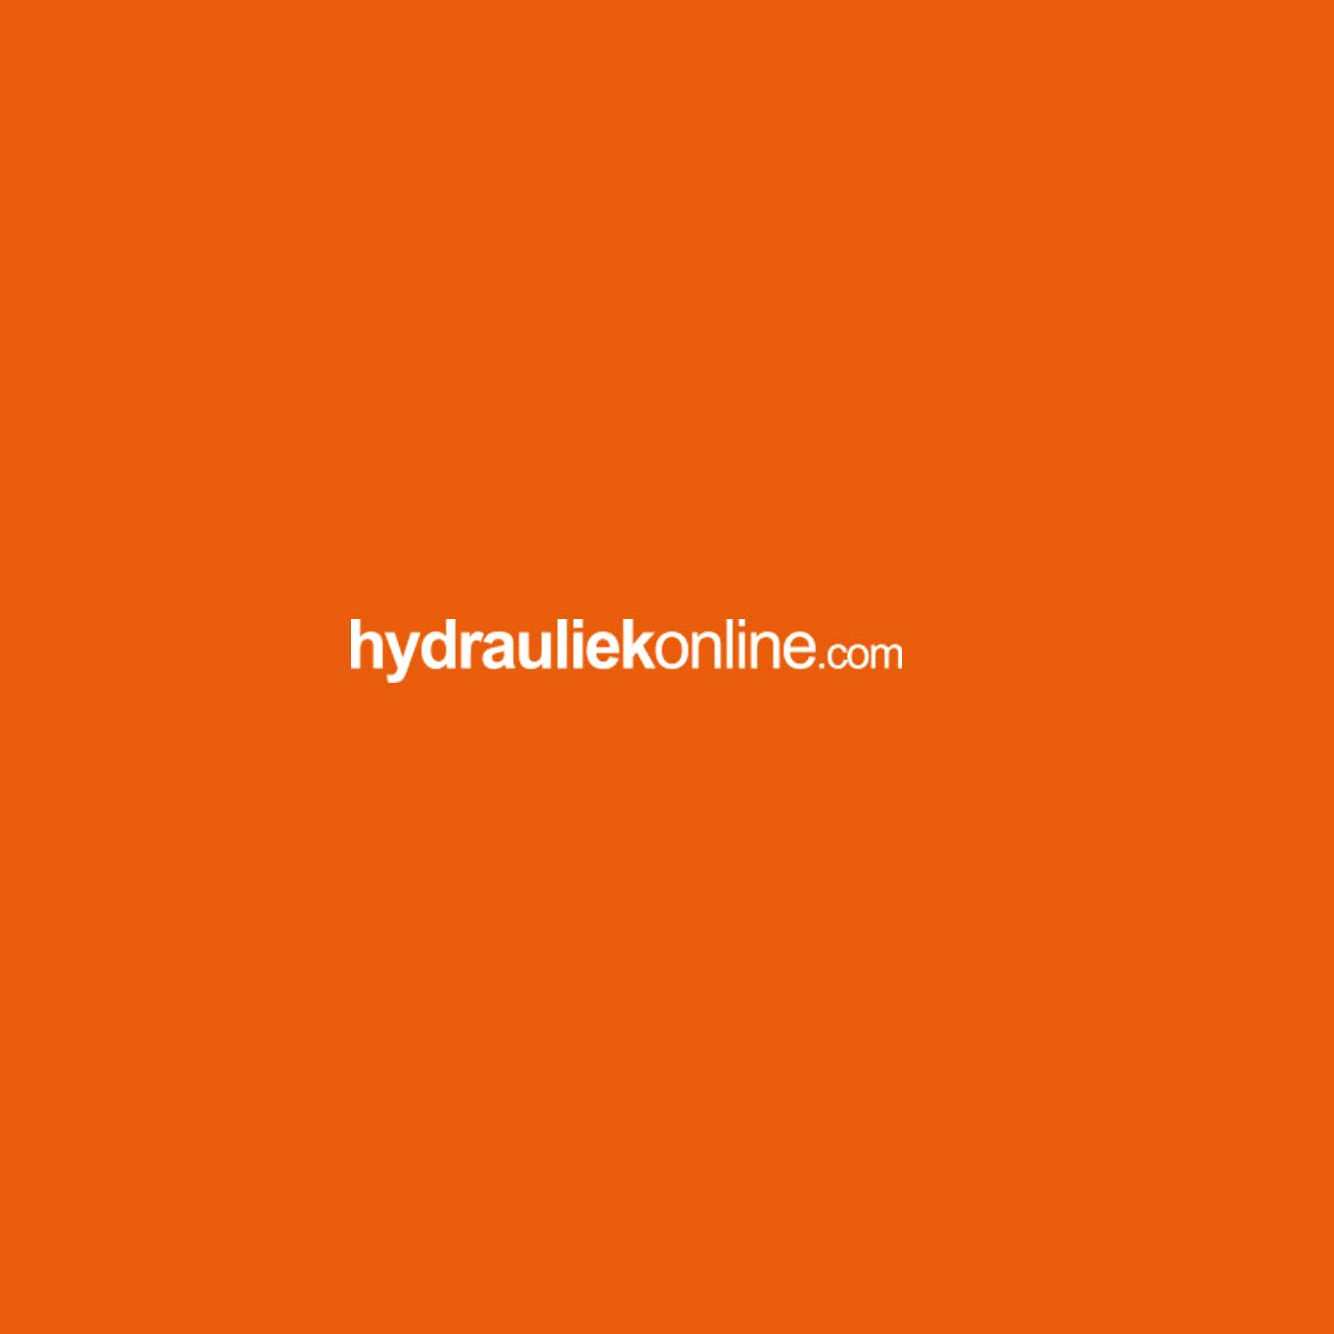 hydrauliek-online-9777.JPG